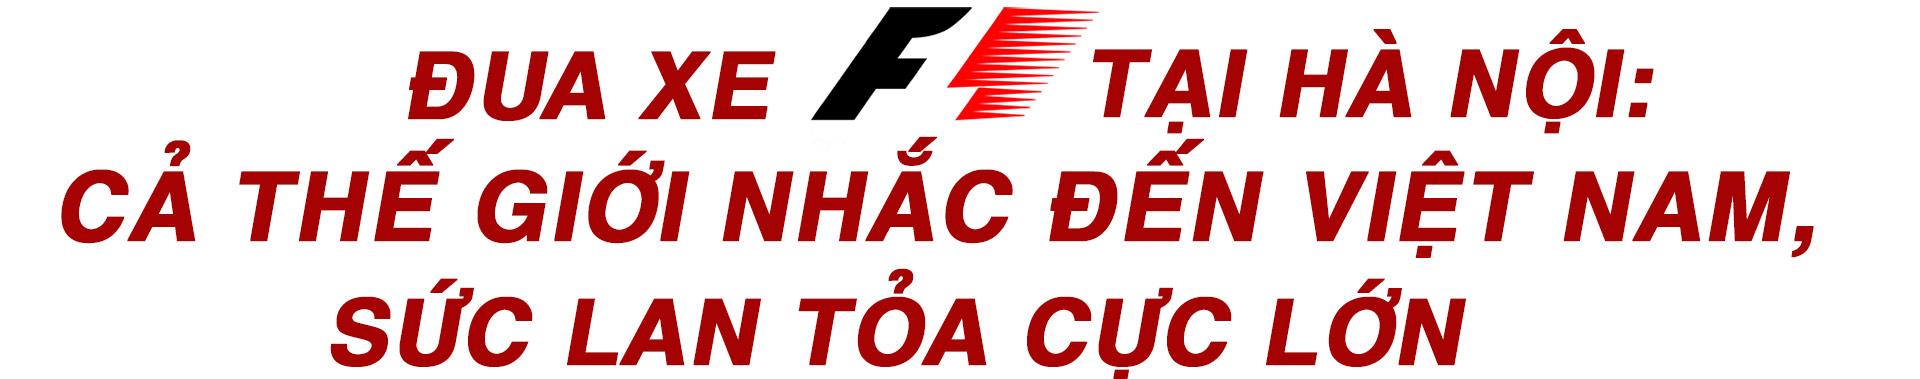 Việt Nam đăng cai F1: Cú hích lịch sử và giấc mơ sắp thành sự thực - 15